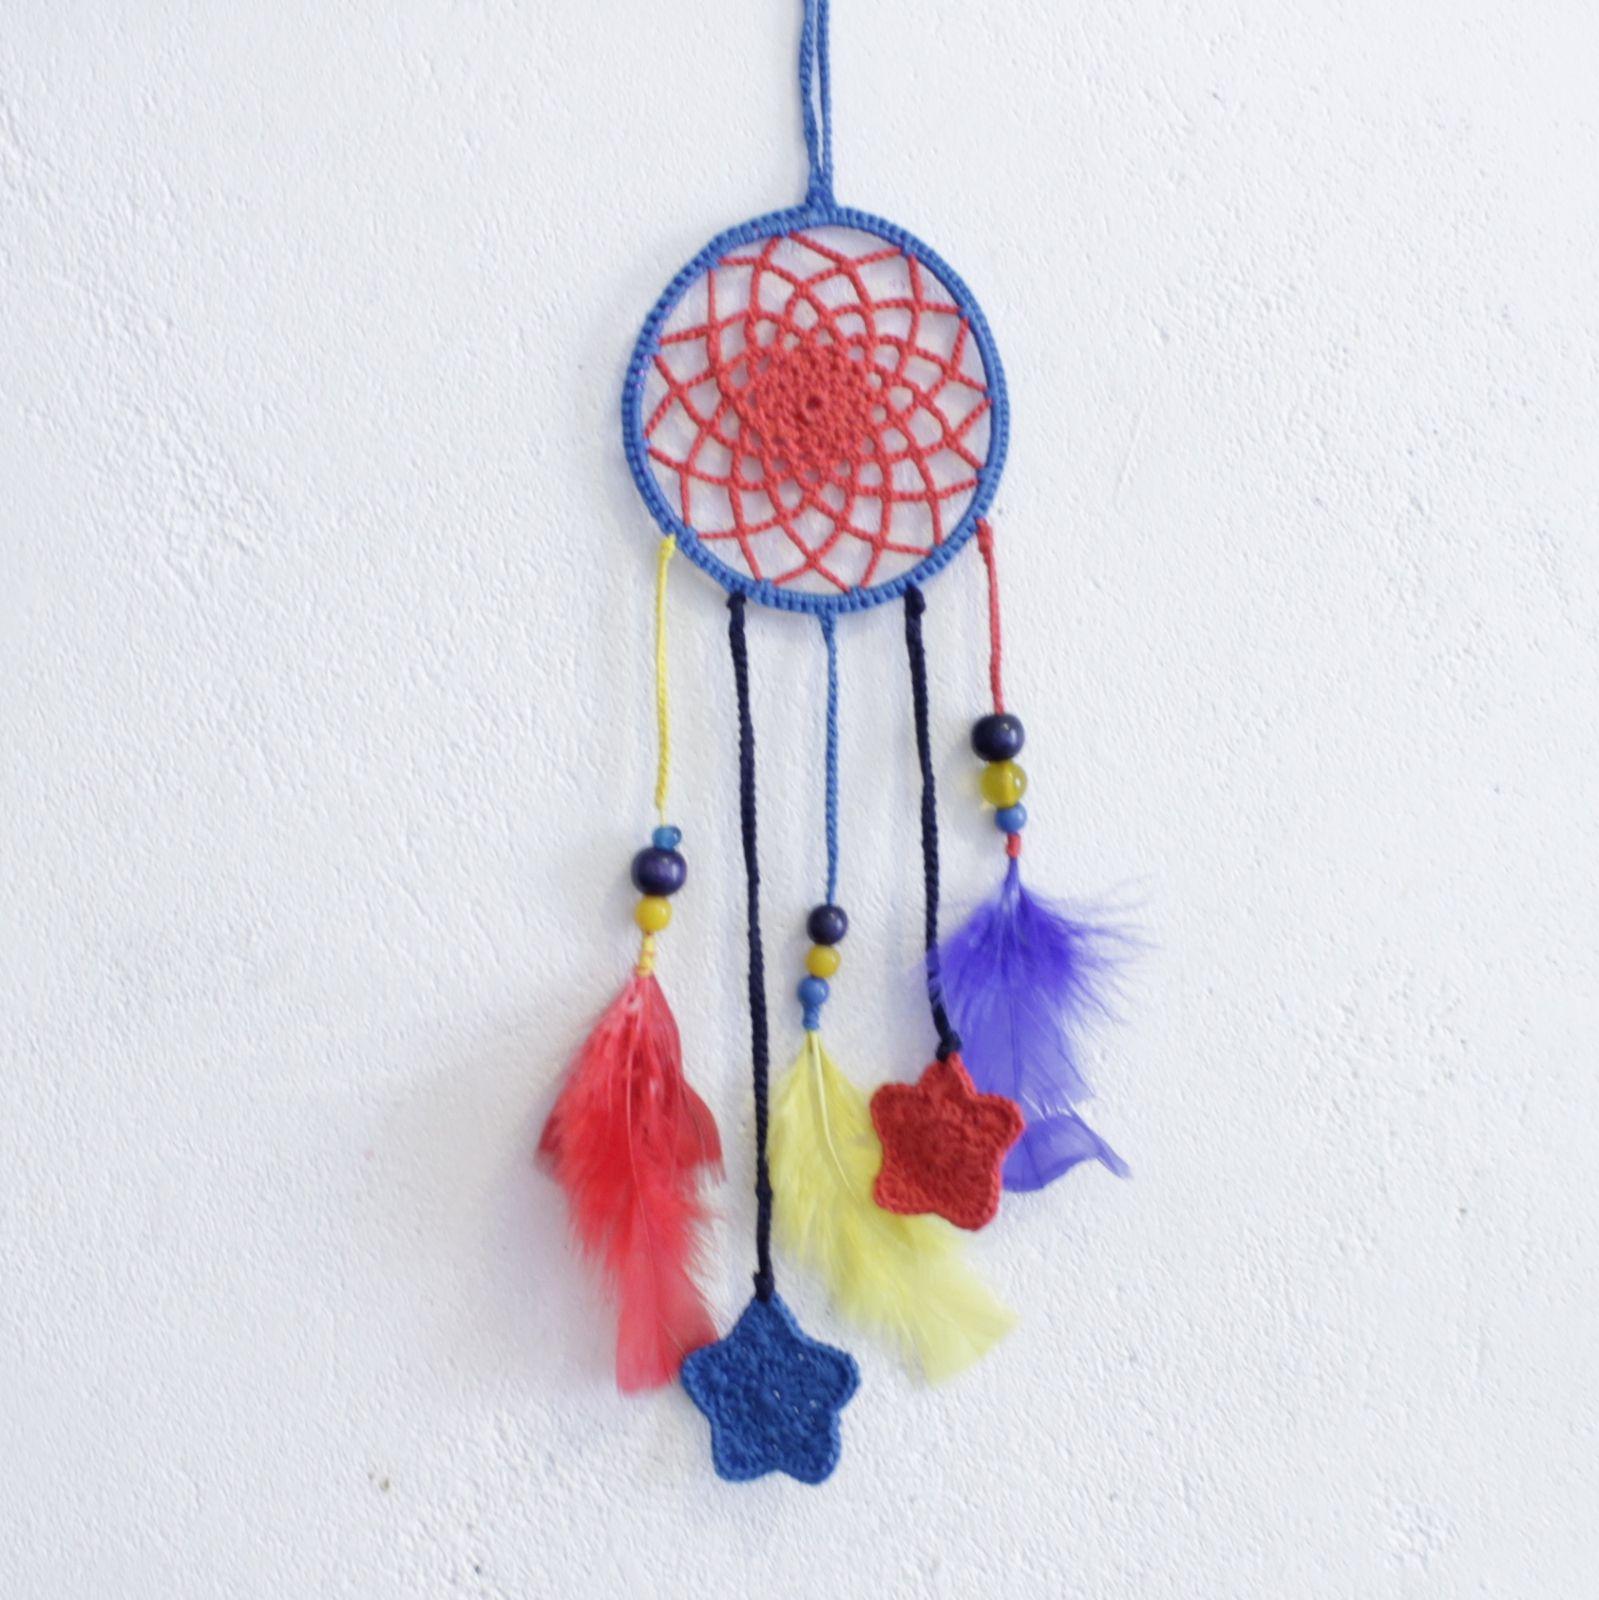 Sc n°187......Un porte bonheur indien...et attrape rêves en crochet Huk!